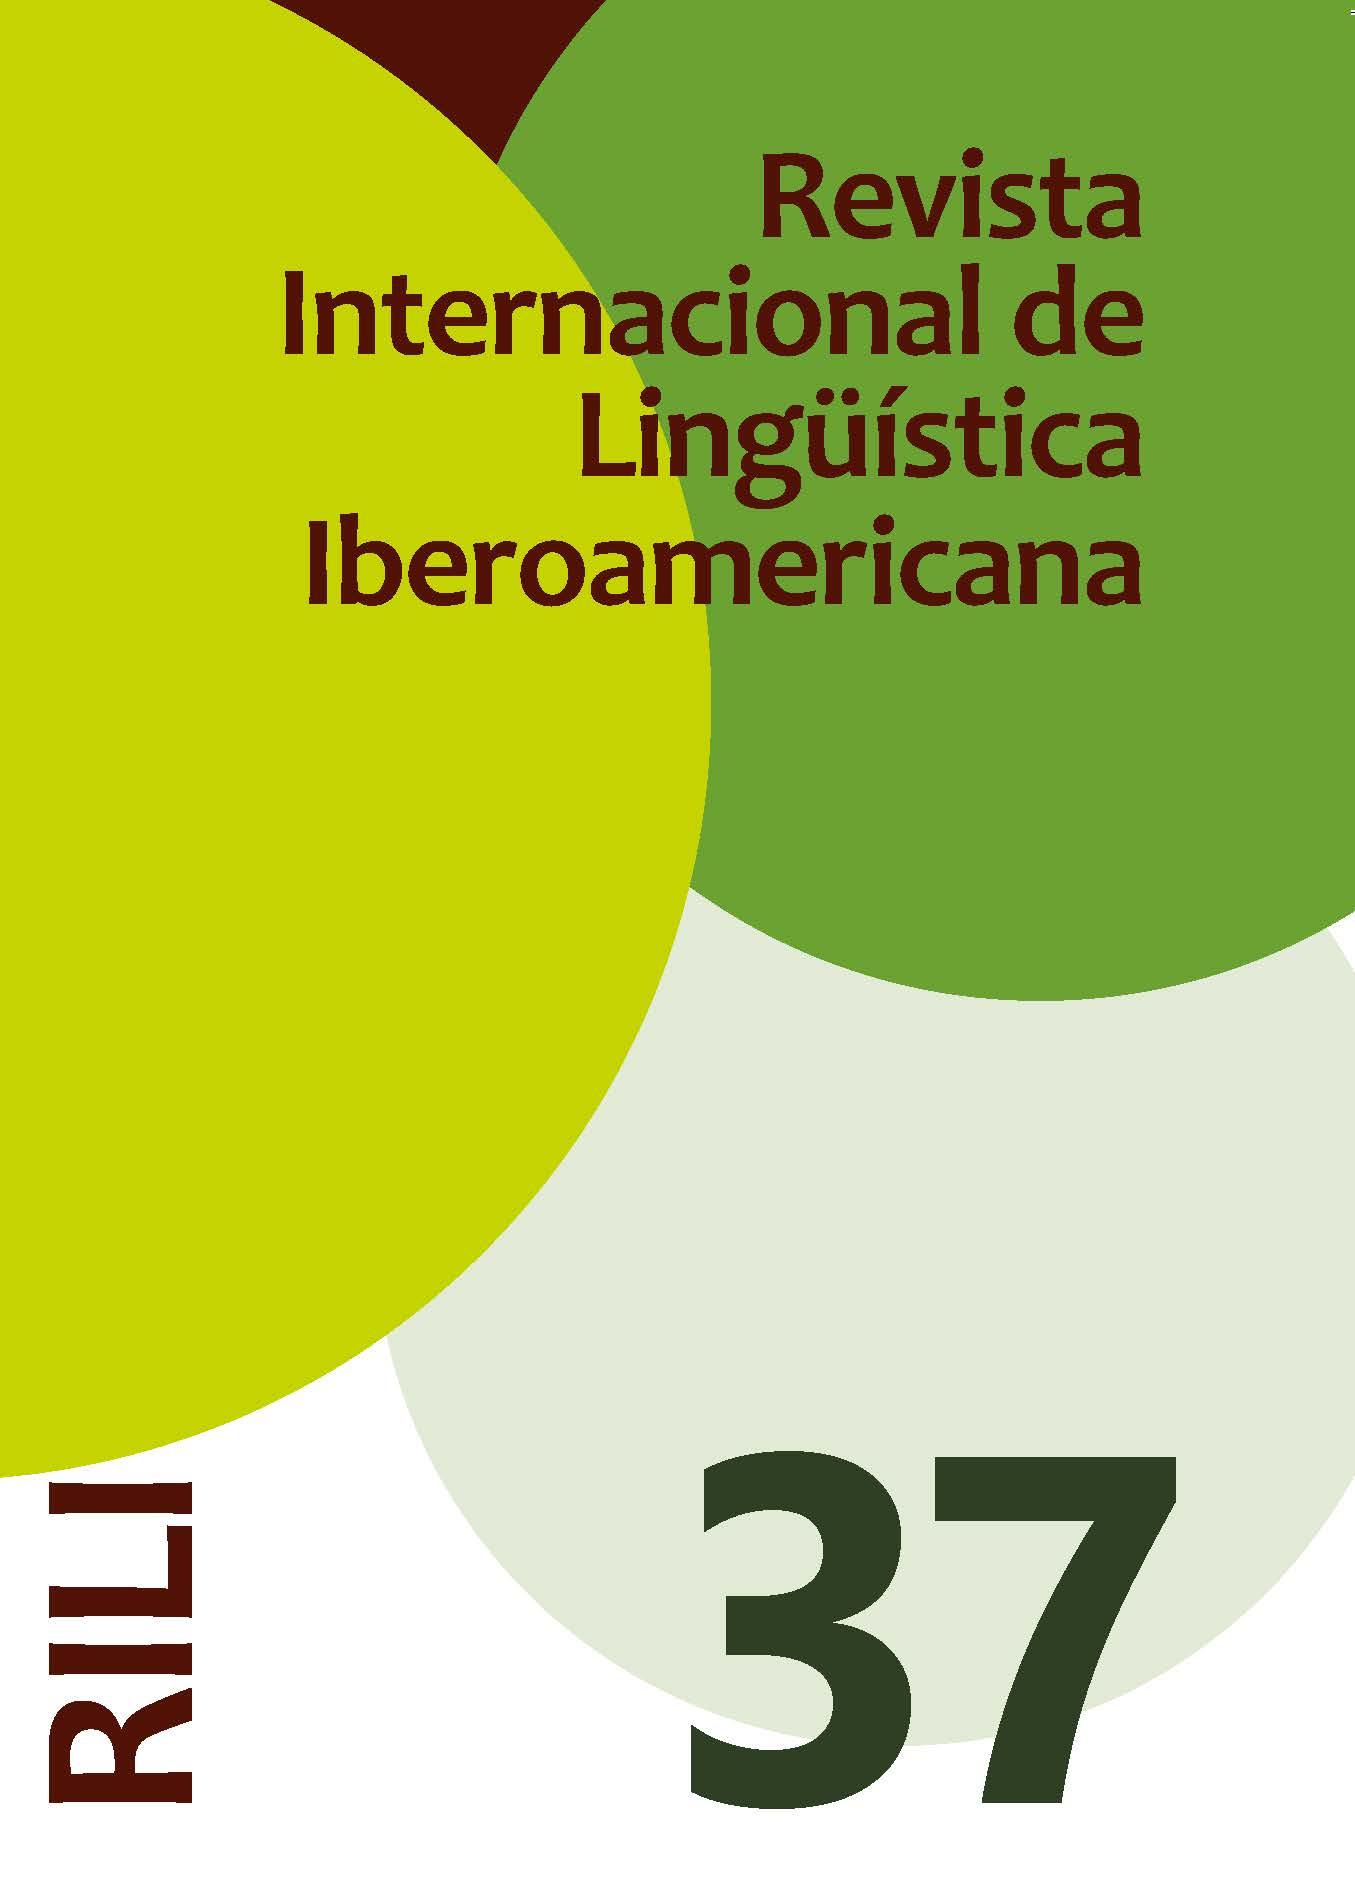 Revista Internacional de Lingüística Iberoamericana RILI thumbnail